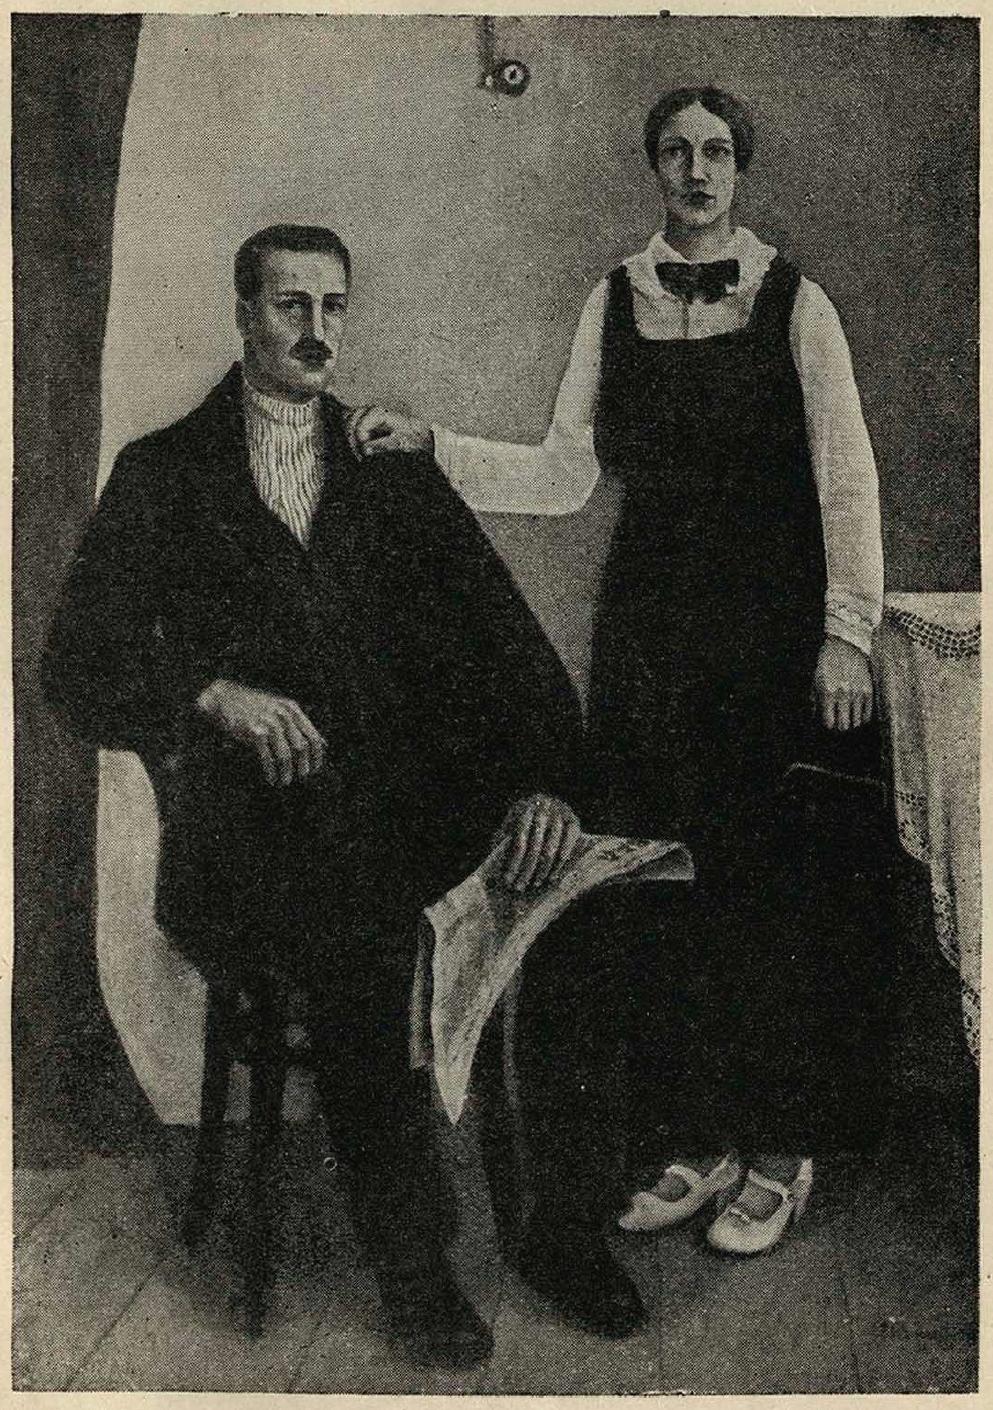 Ряжский. Мещанский портрет. 1922